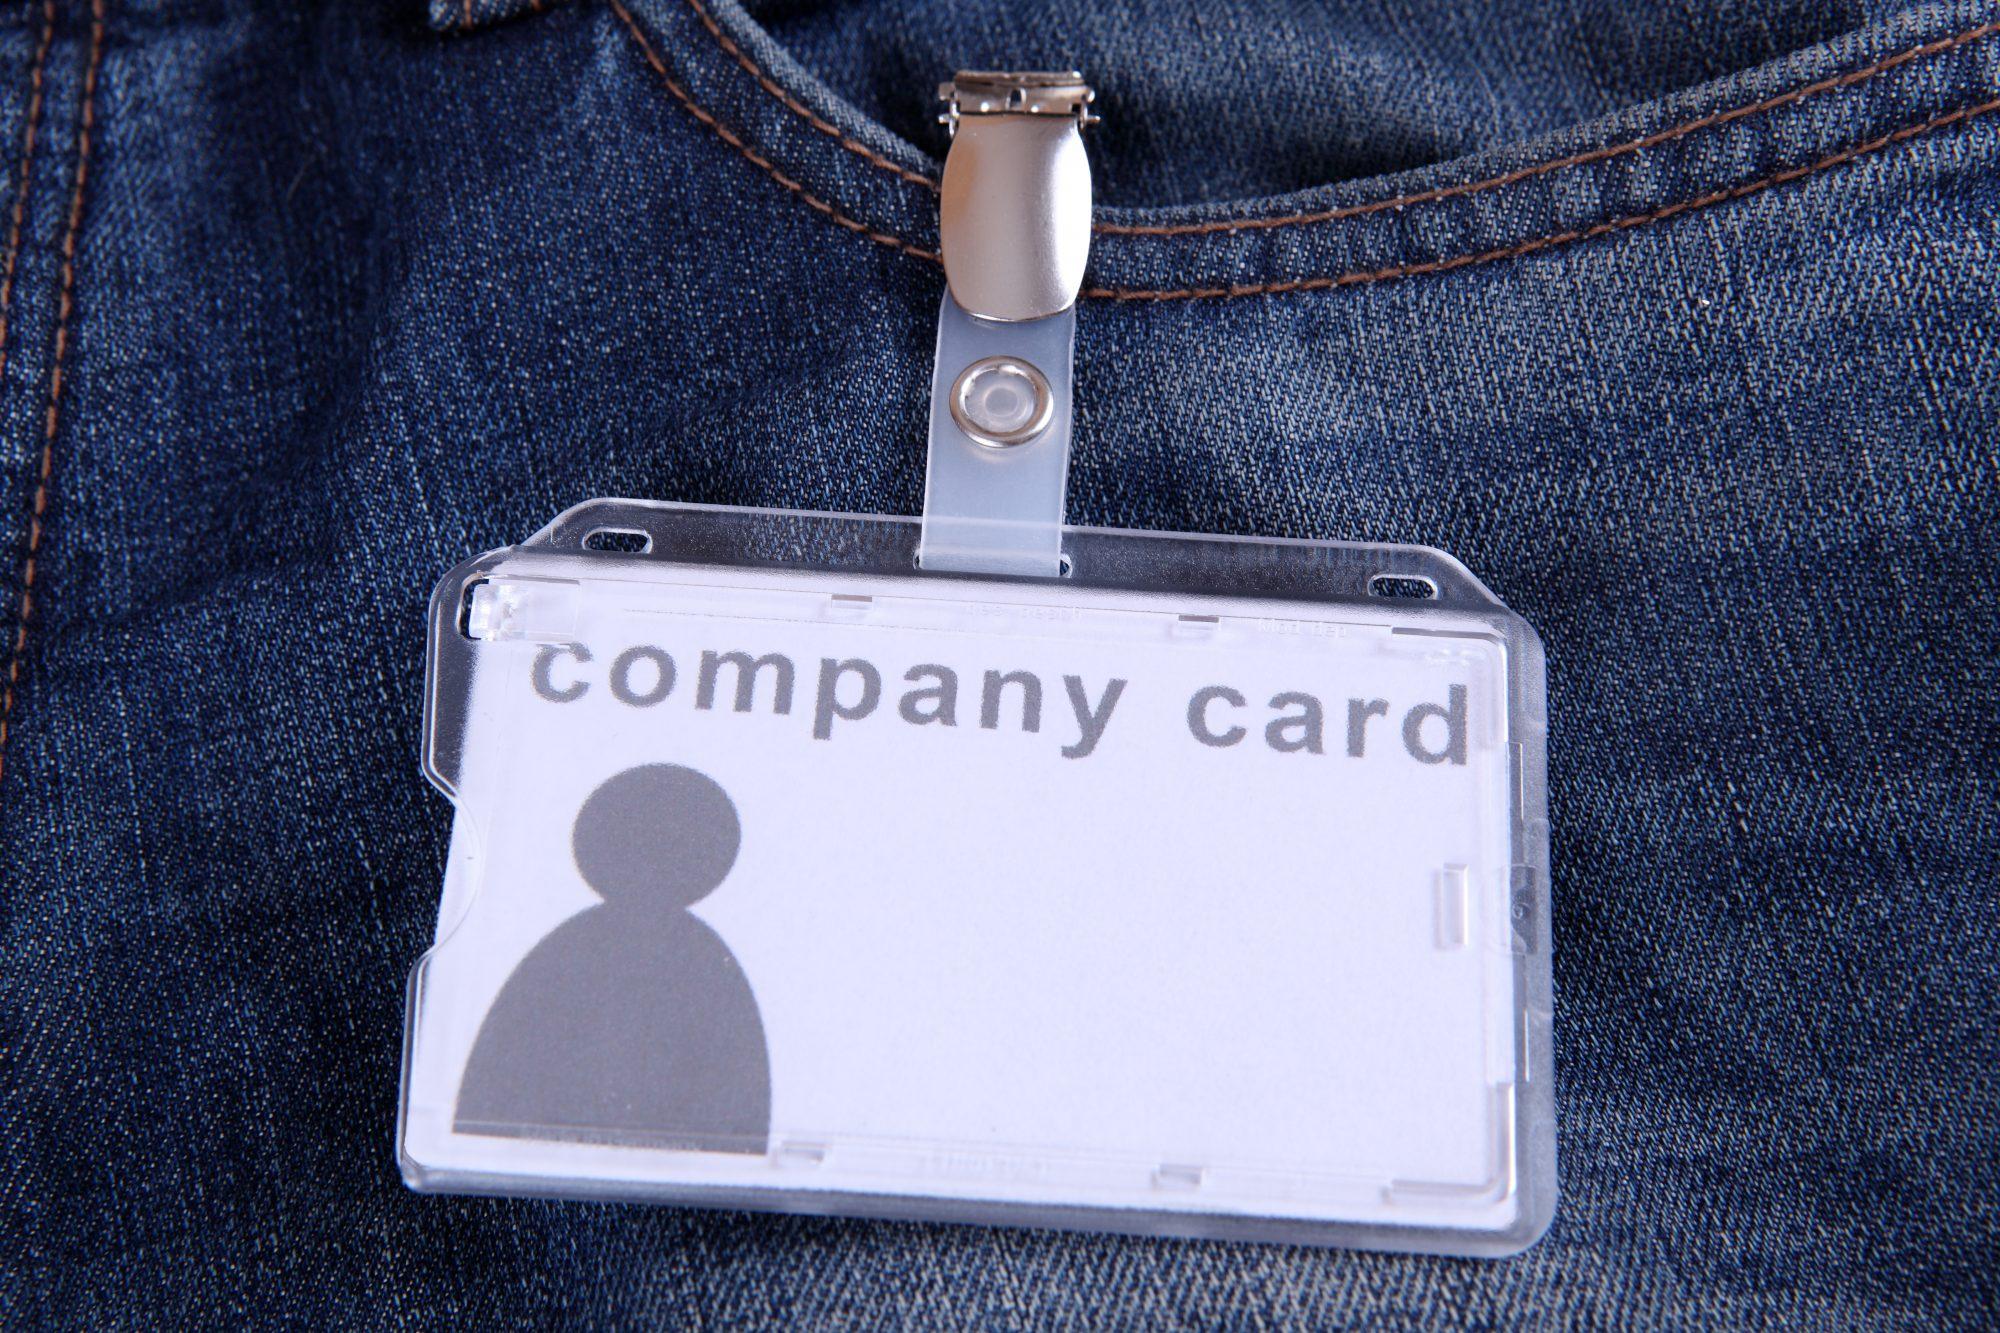 Kartenclip mit Ausweishülle an Jeans Hose